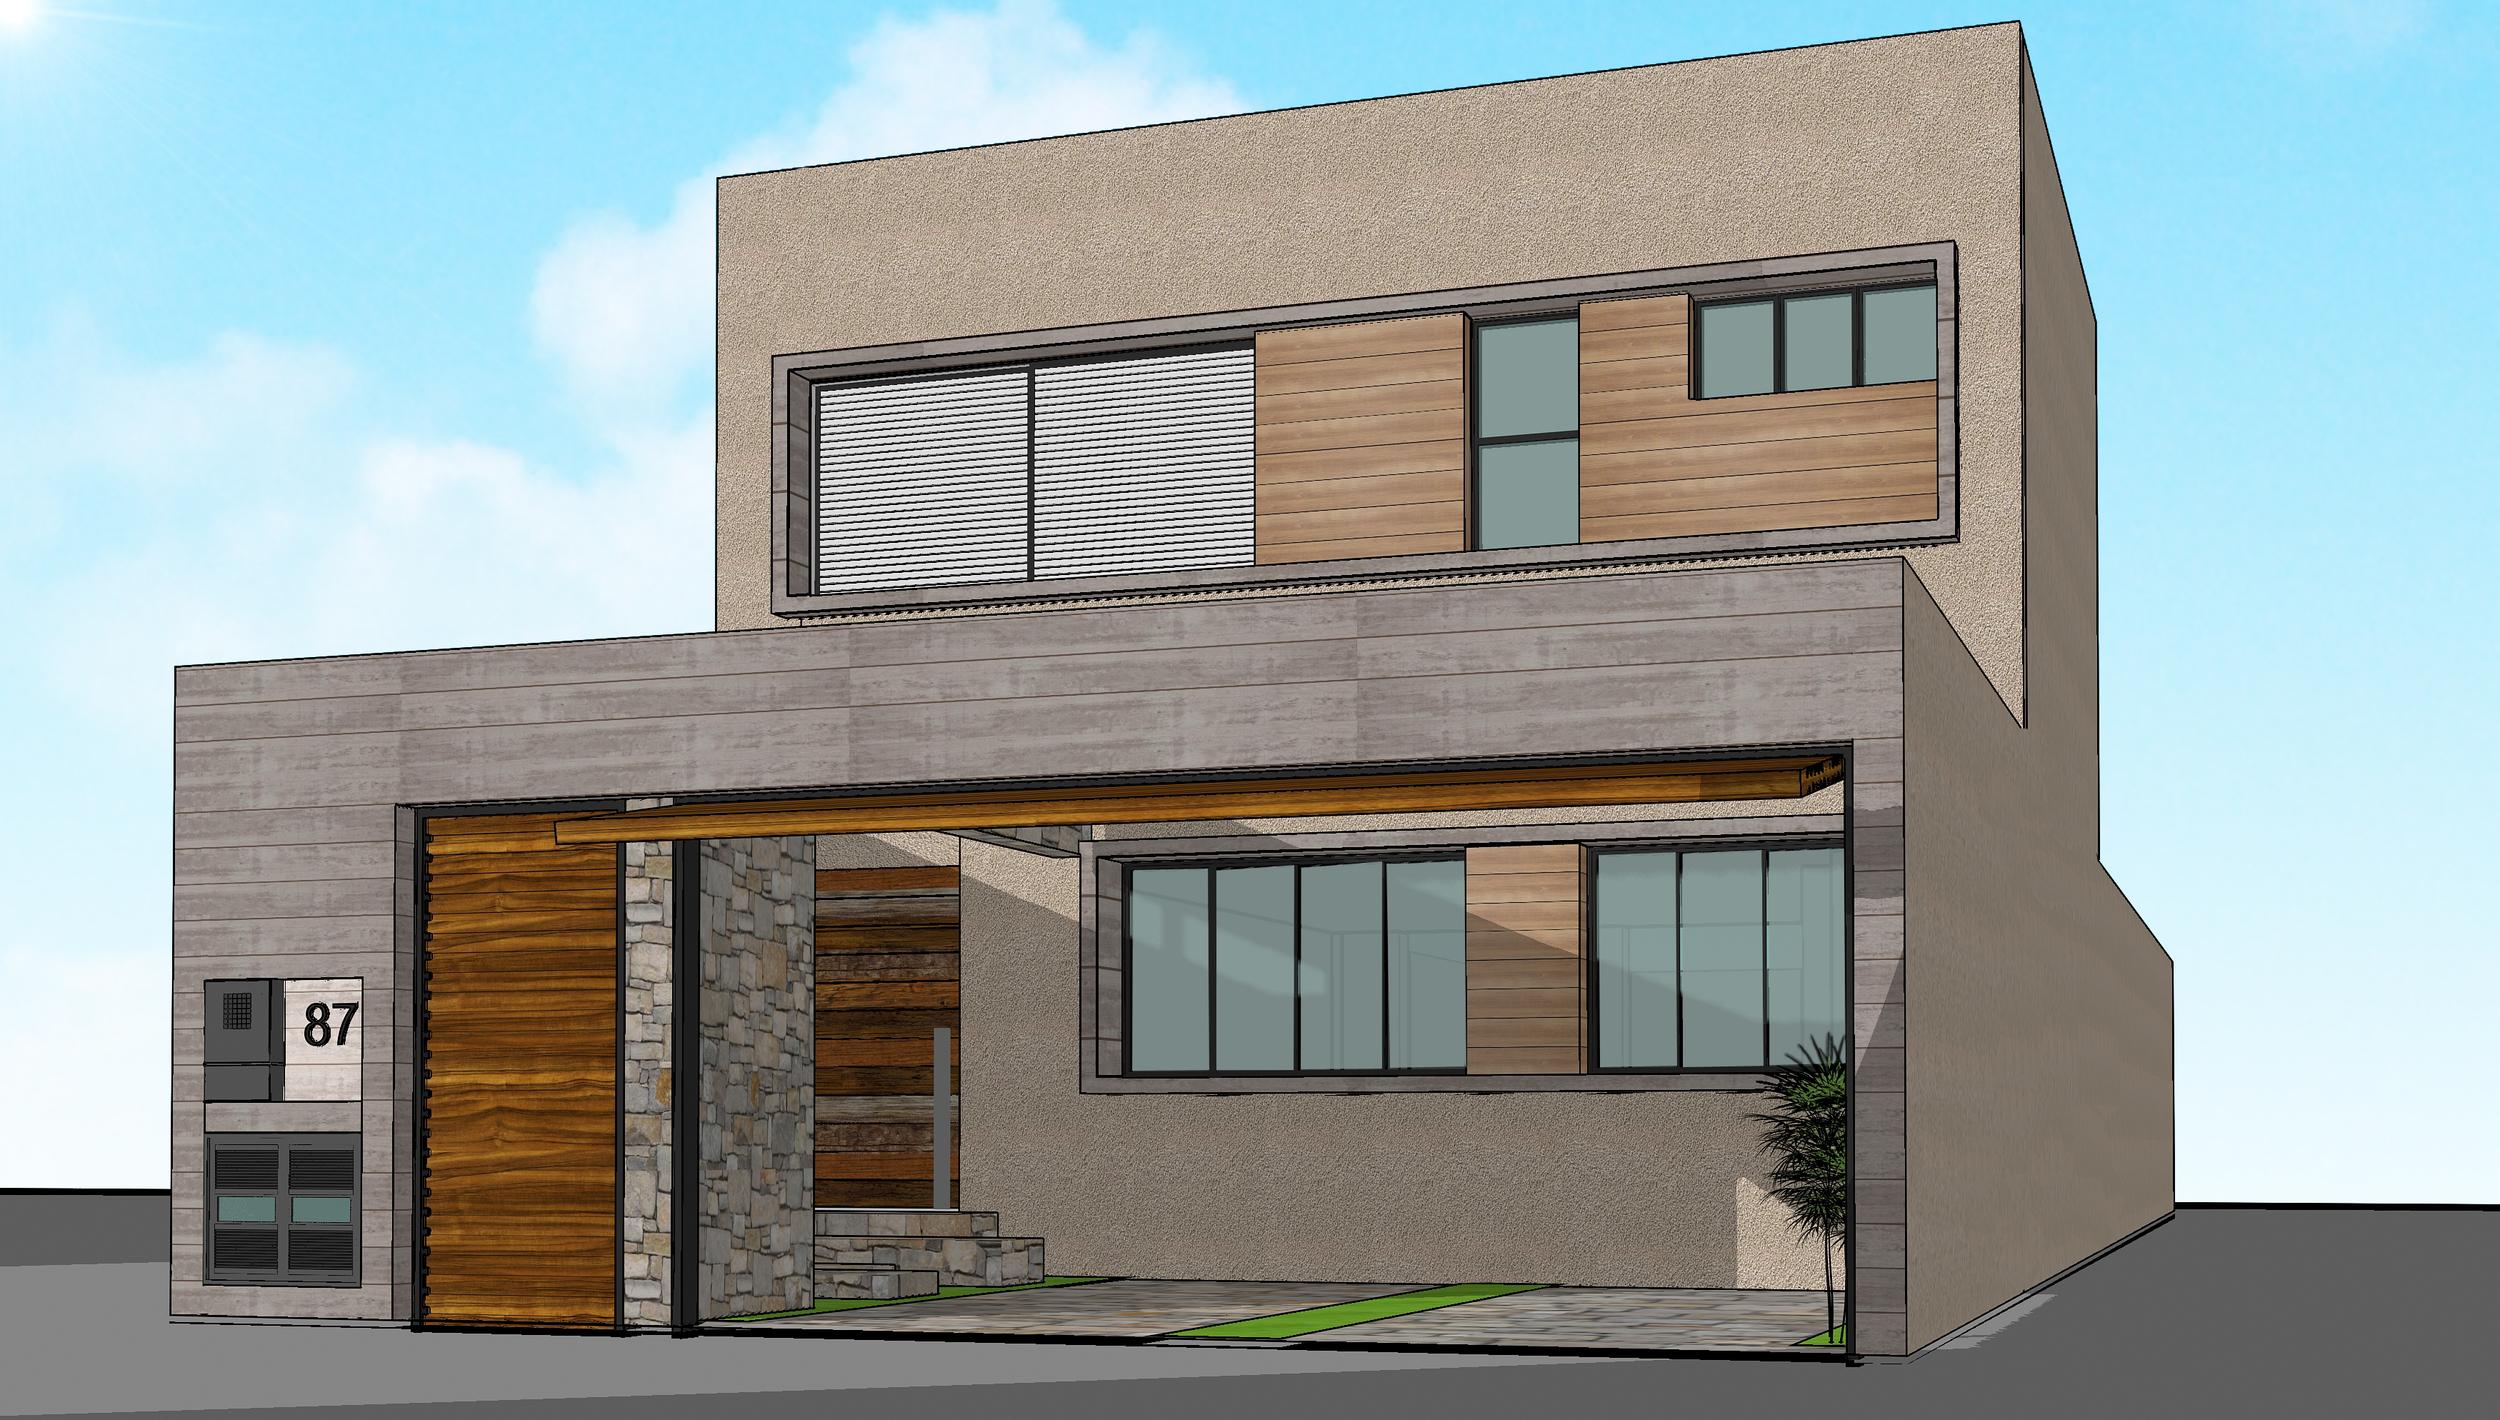 Residência Vila Livieiro  Projeto: Madi Arquitetura & Design  Imagem: Érica Alfieri